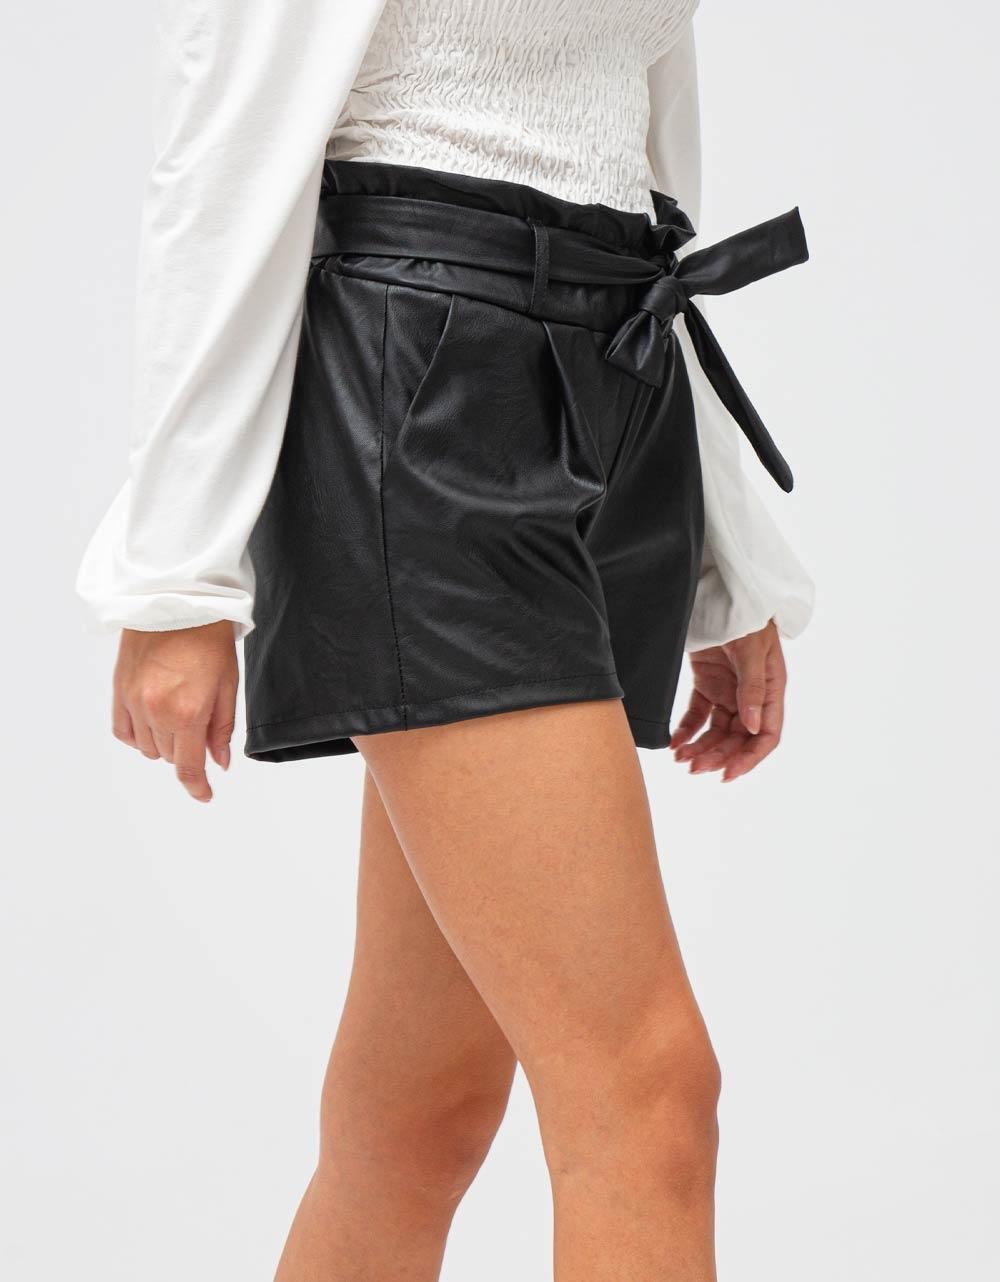 Εικόνα από Γυναικείο σορτς ψηλόμεσο με ζωνάκι Μαύρο